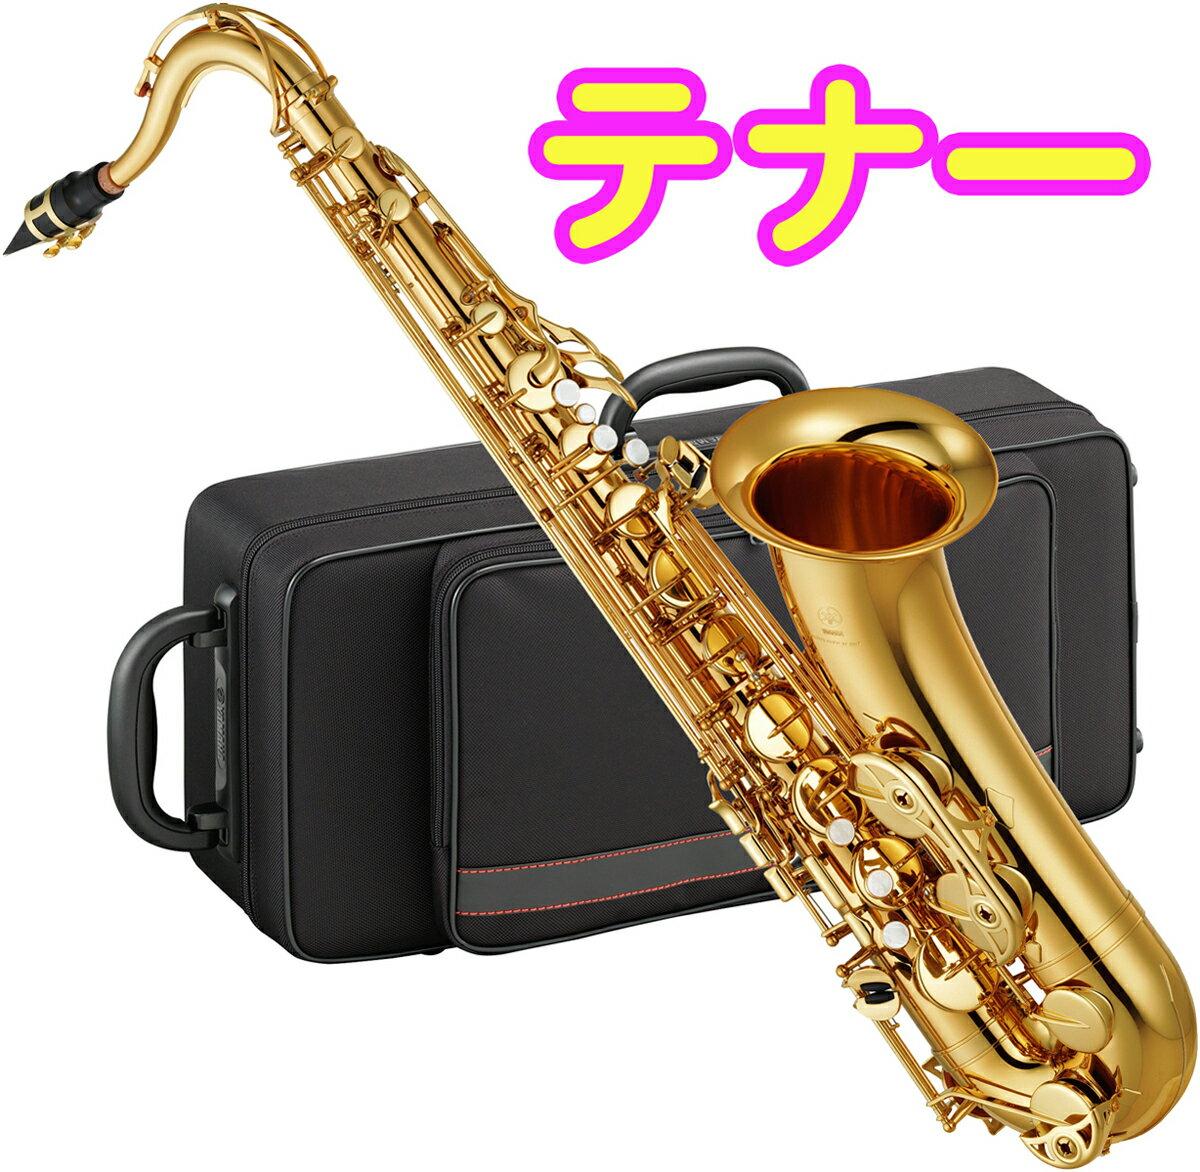 YAMAHA(ヤマハ)テナーサックスYTS-380新品サックス管体ゴールドラッカー管楽器管体本体テナ